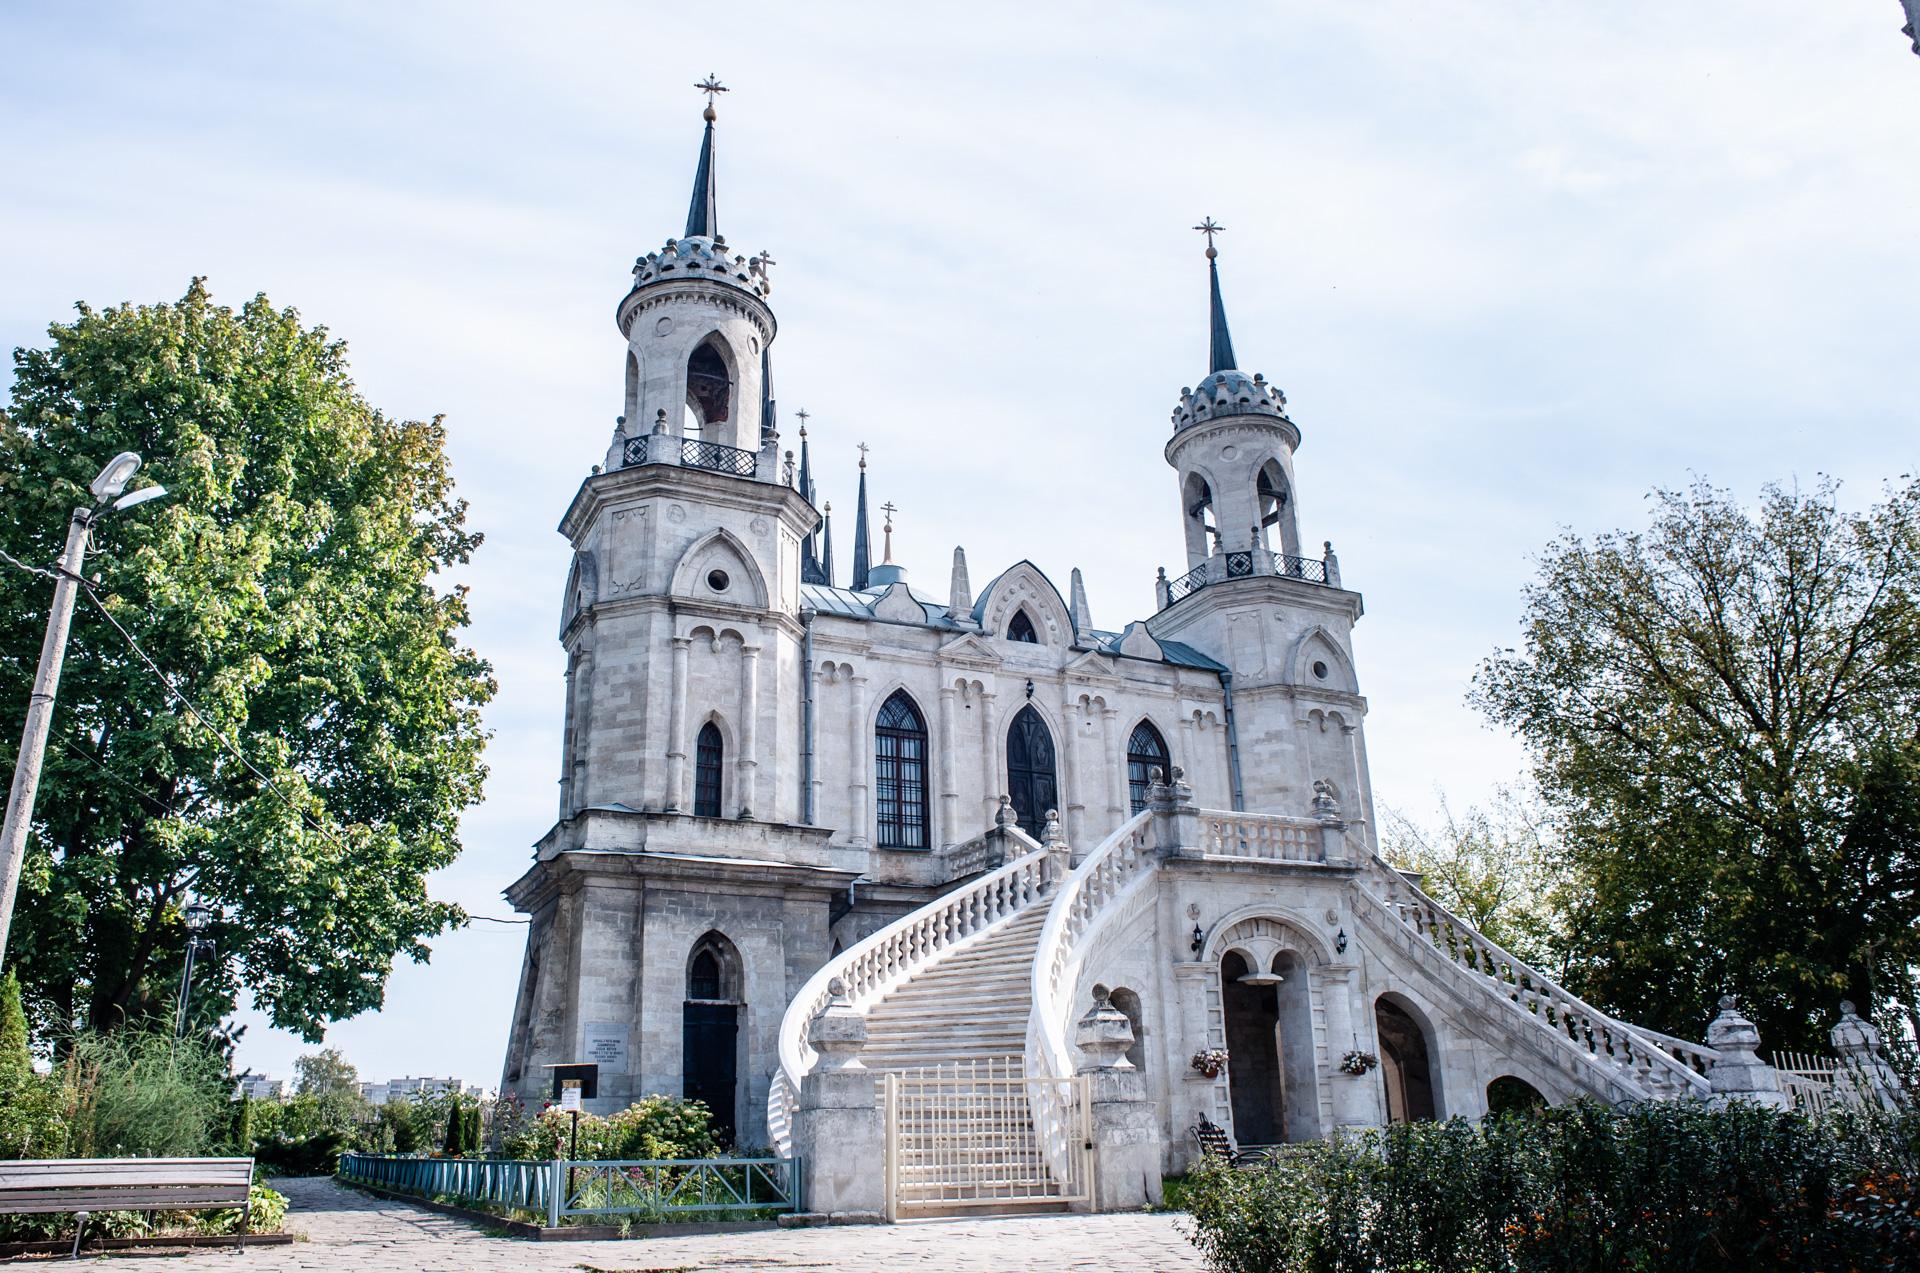 Храм Владимирской Иконы Божьей Матери в селе Быково в Жуковском